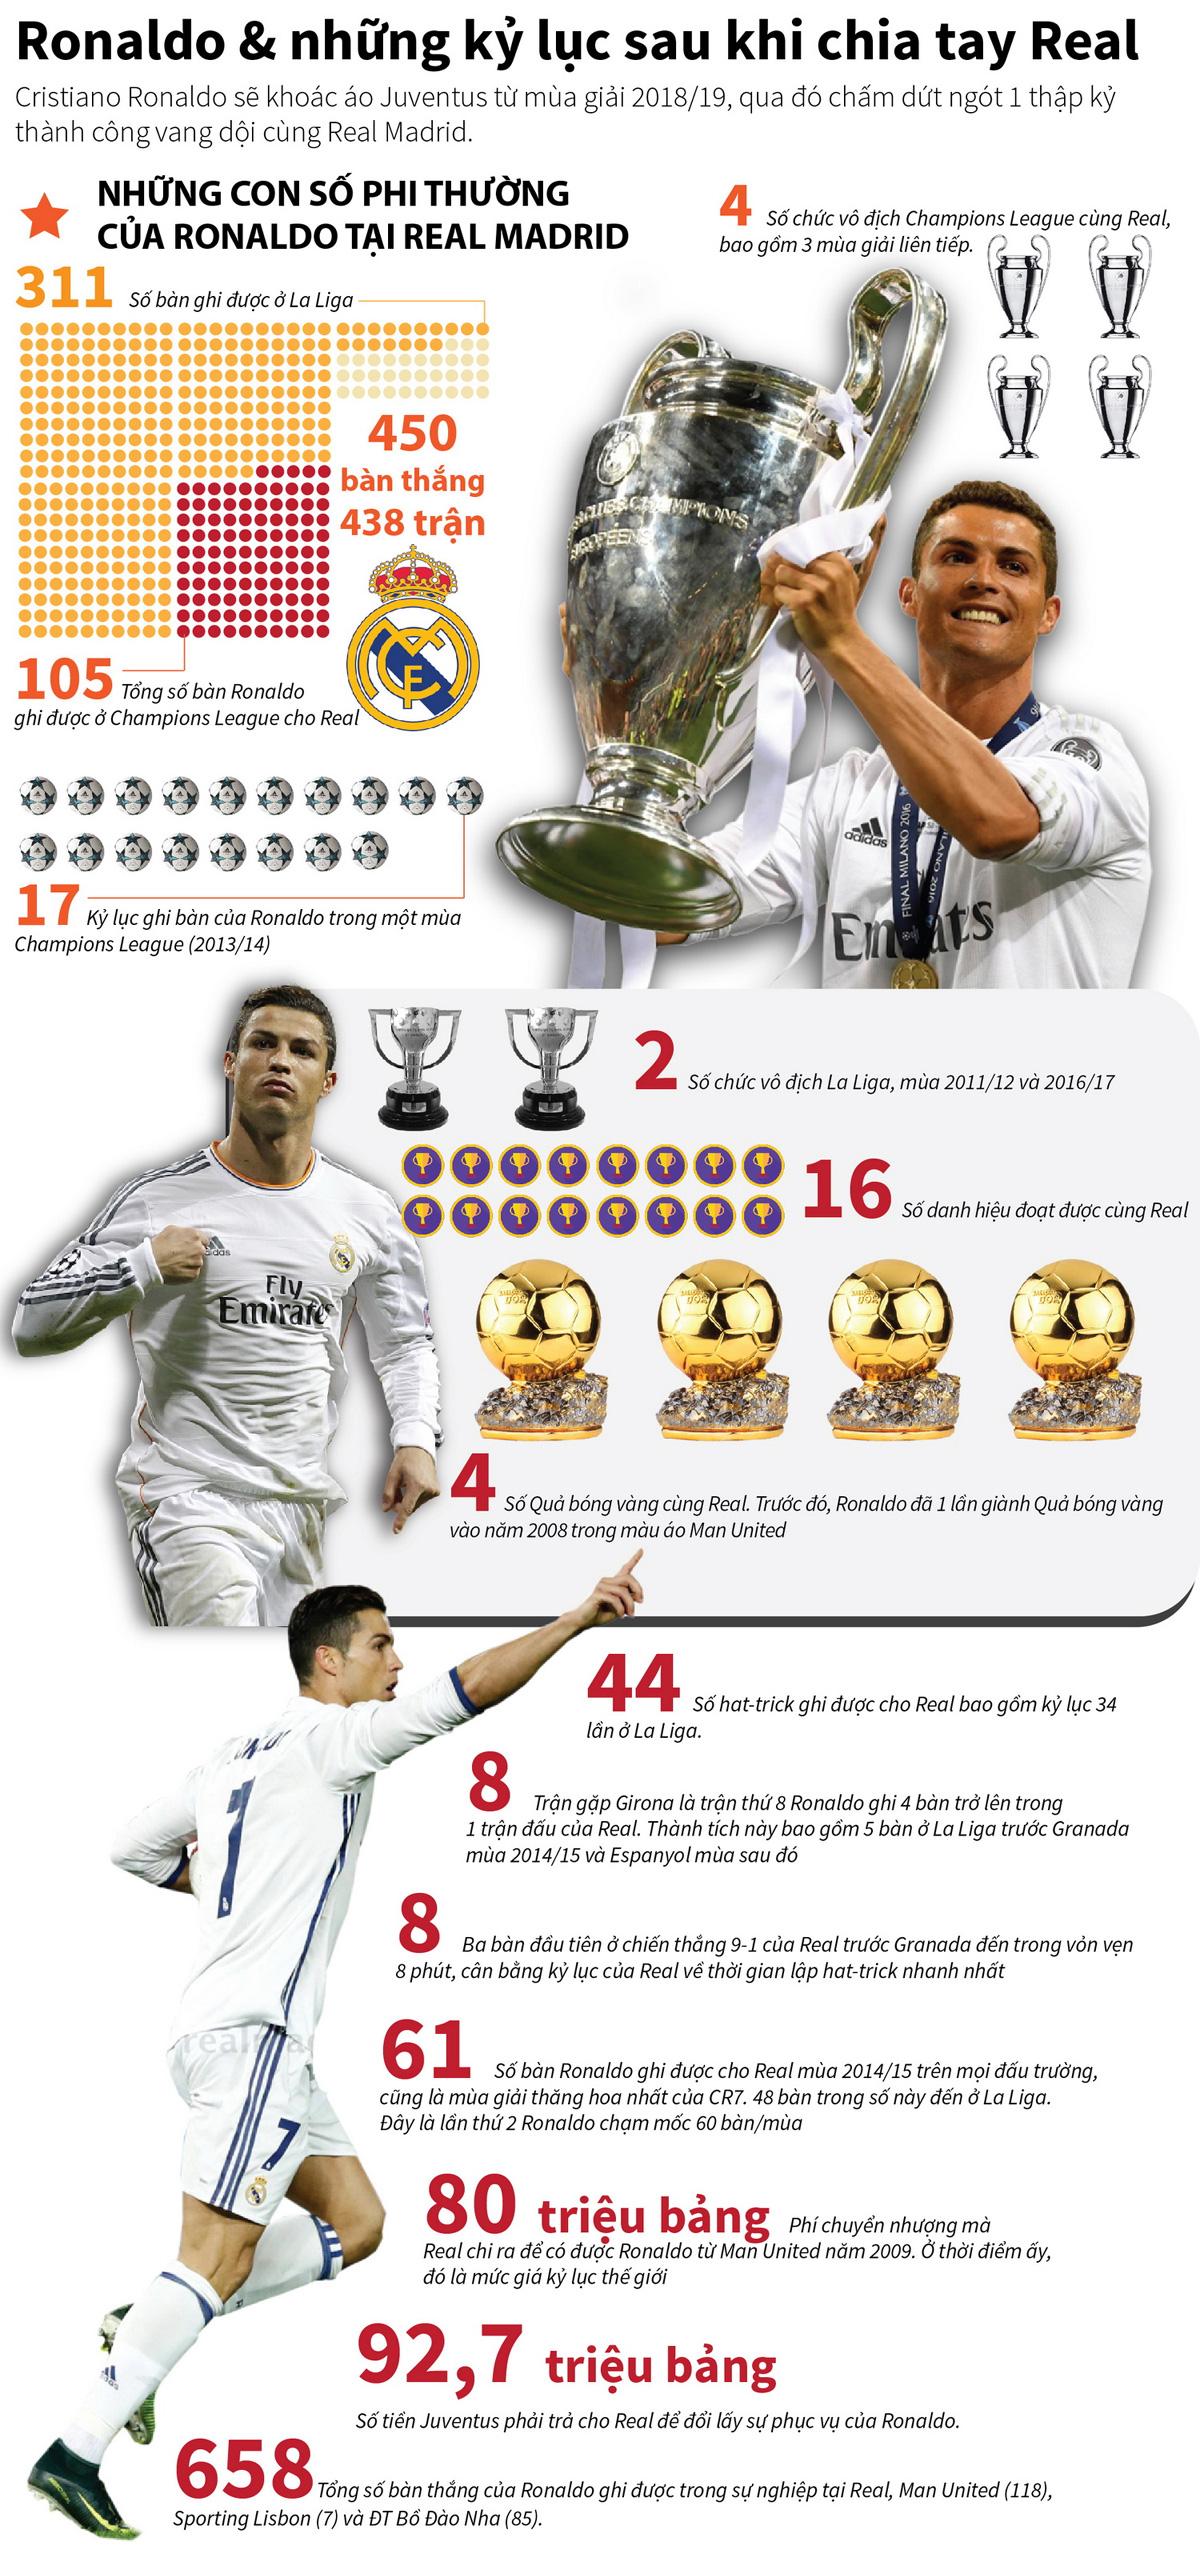 Ronaldo, những kỷ lục, chia tay Real Madrid, khoác áo Juventus, thành công vang dội cùng Real Madrid